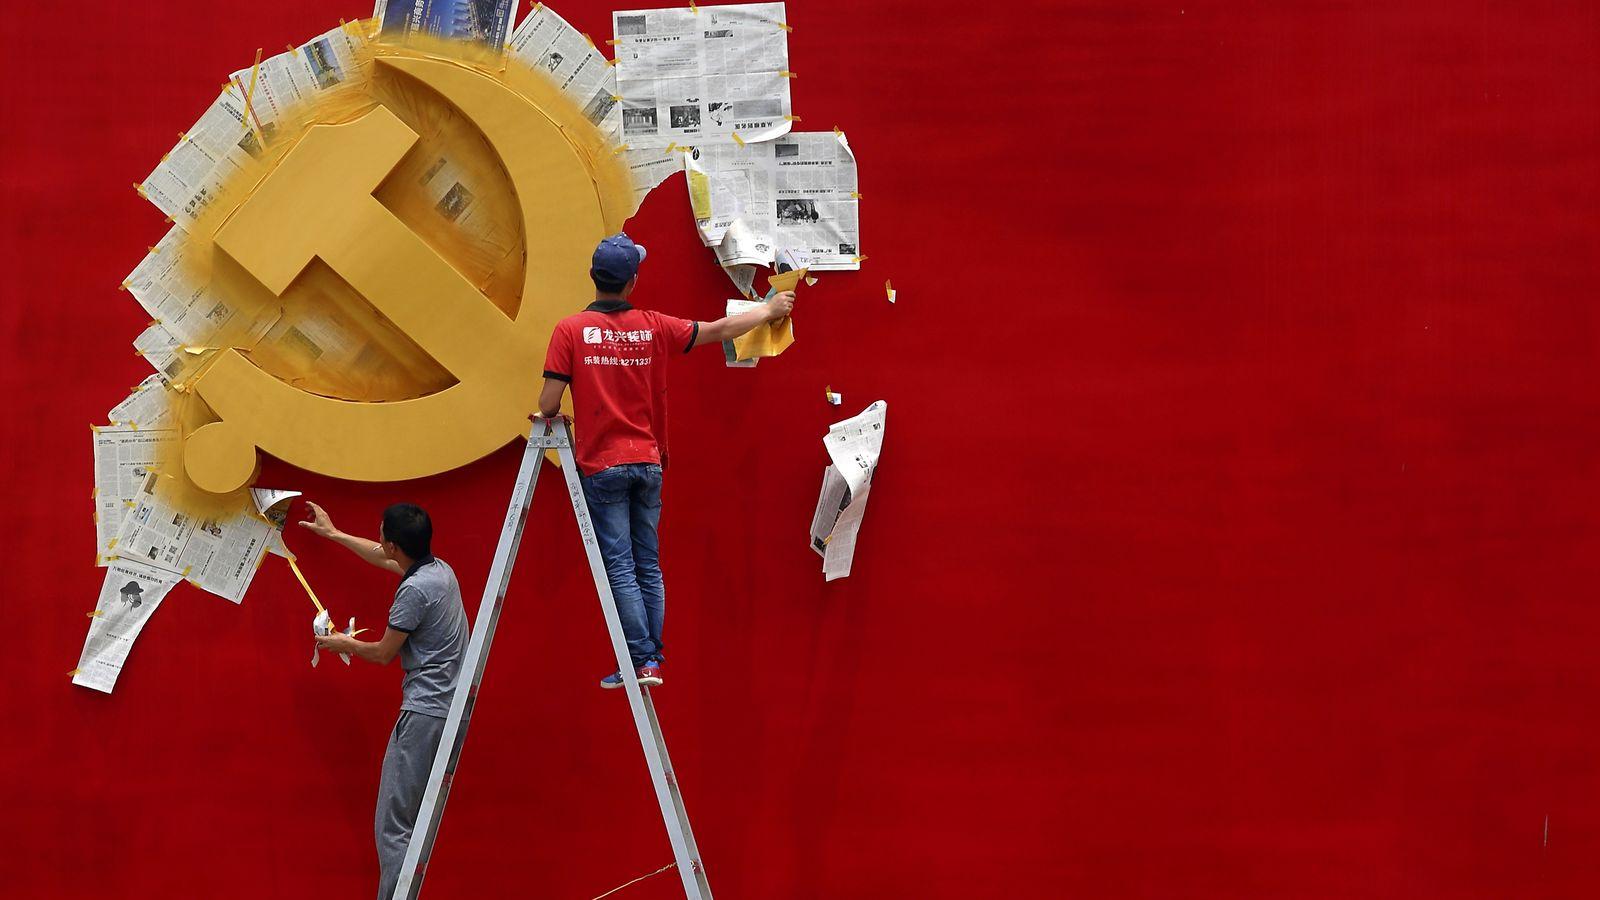 Foto: Trabajadores pintan la bandera del Partido Comunista Chino en un mueso de Jiaxing, en la provincia de Zhejiang (Reuters).